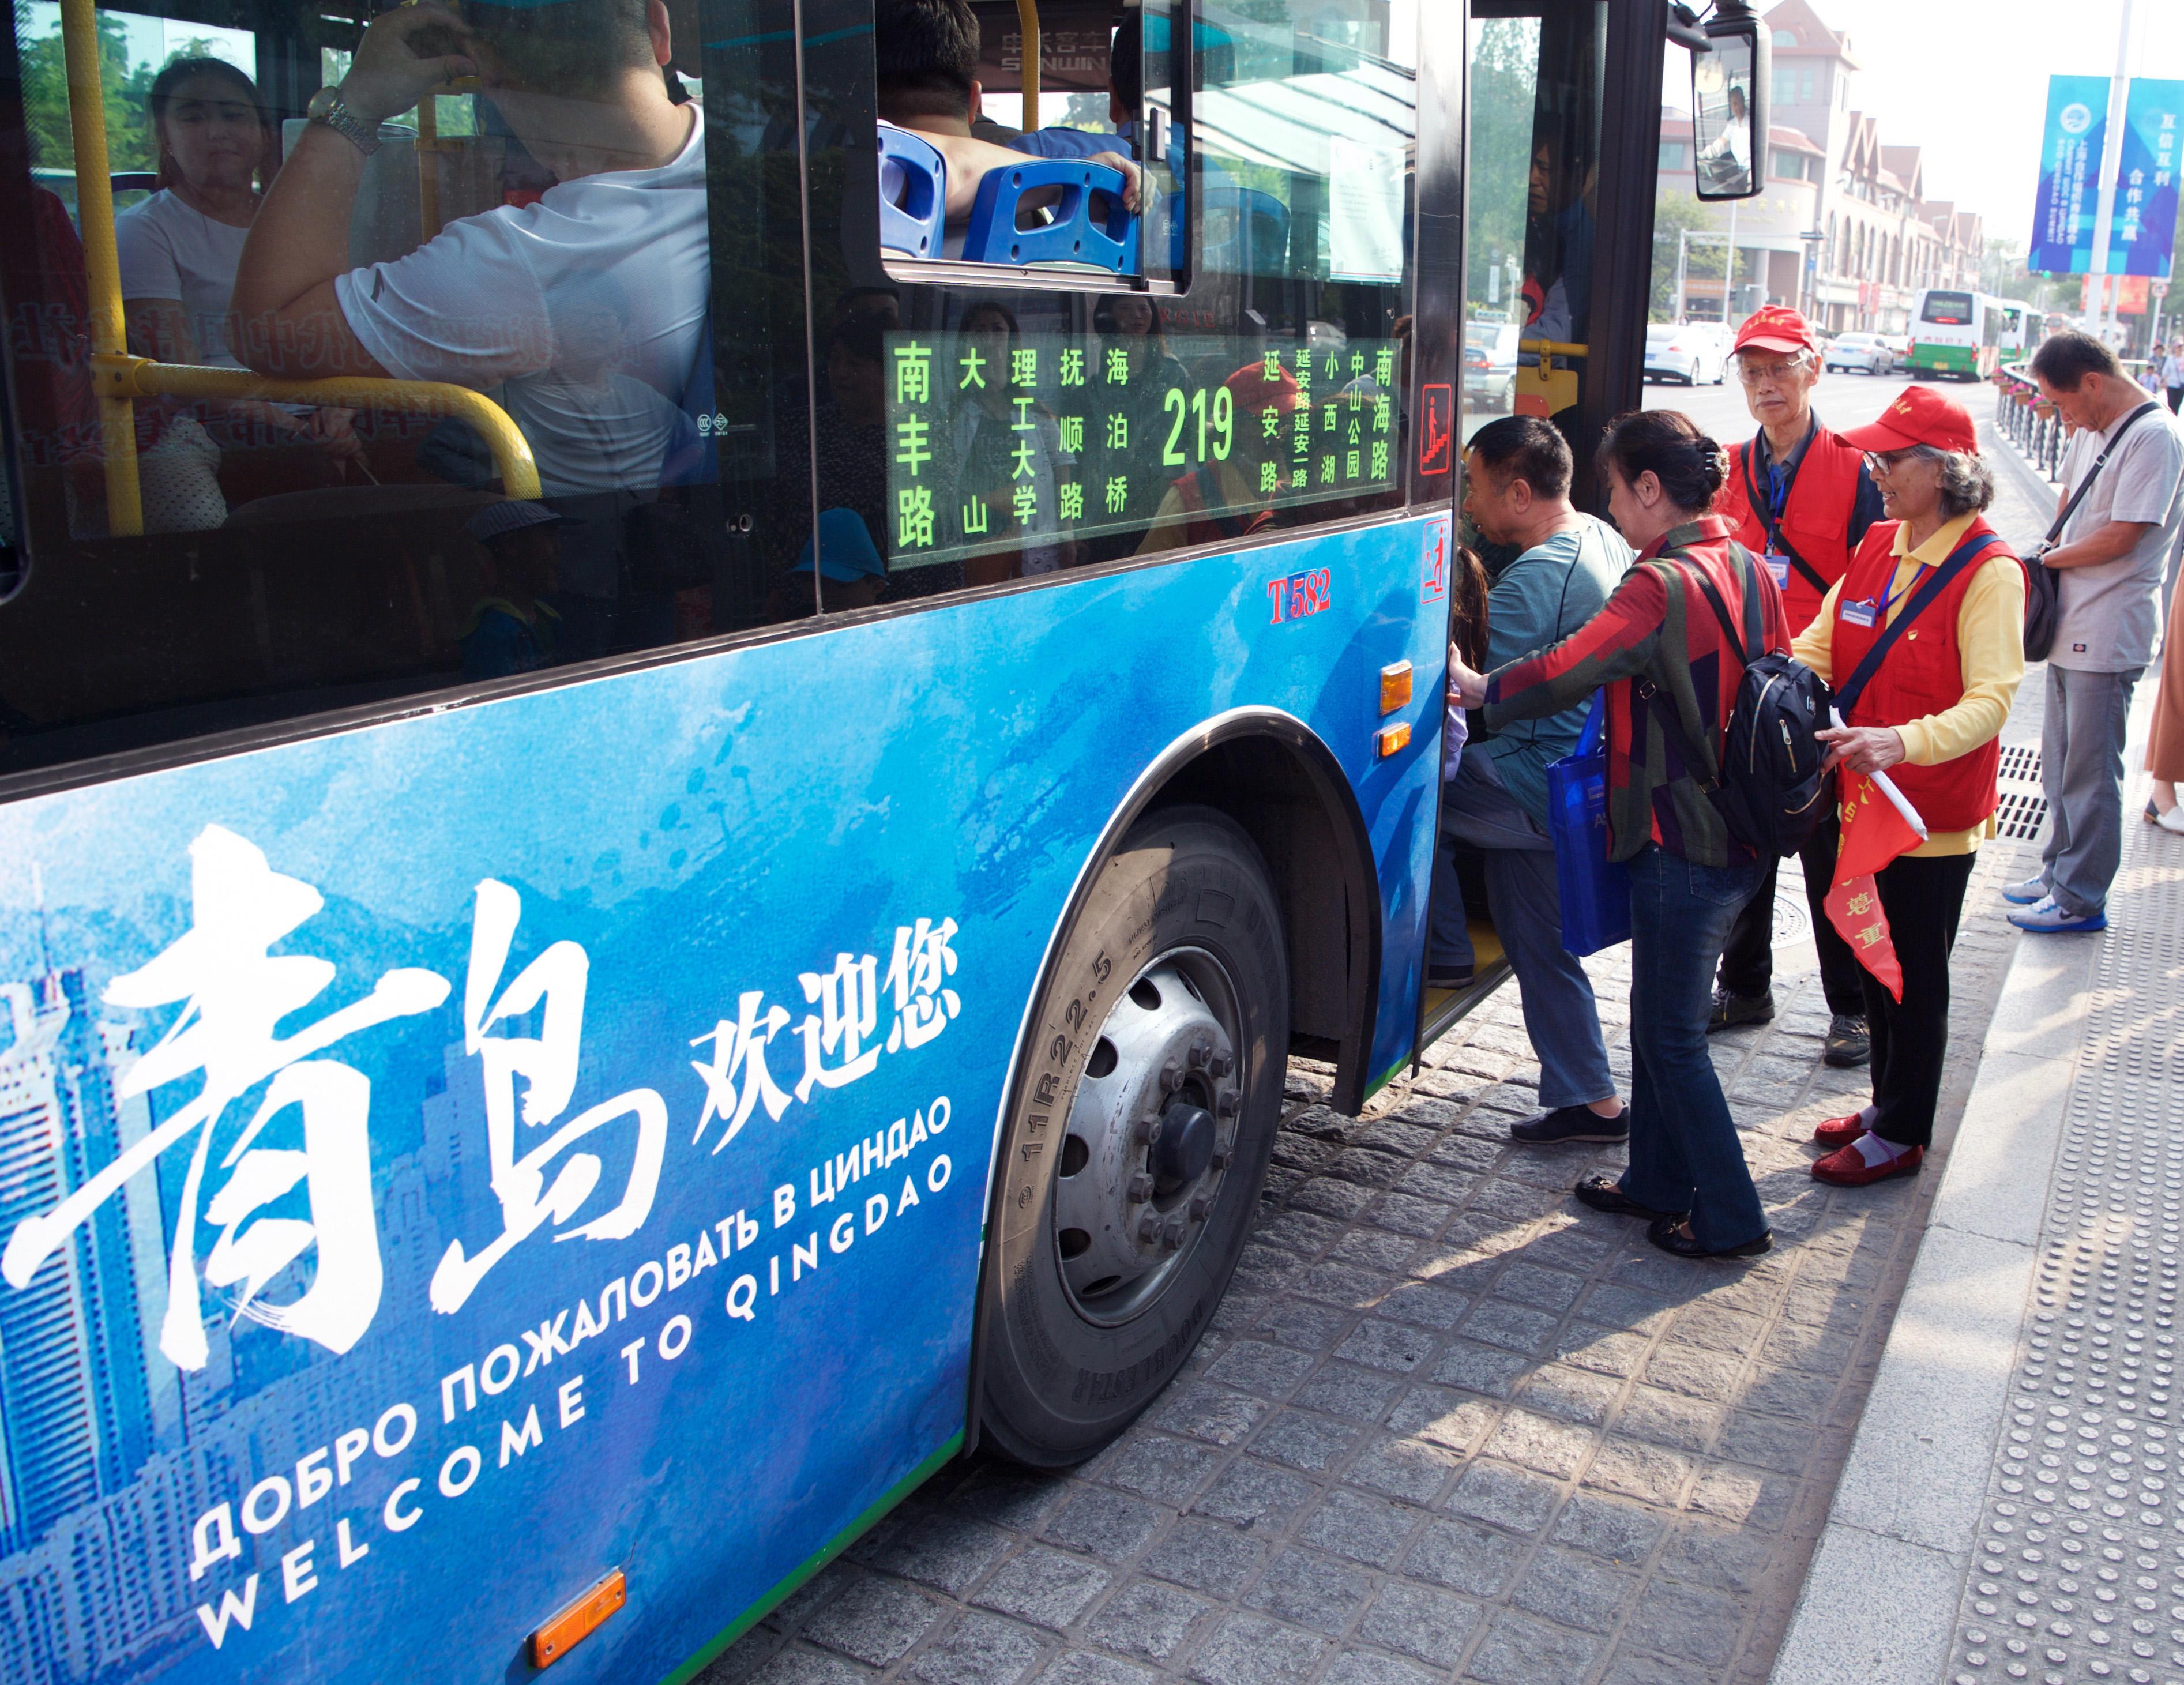 6月5日,姜士发(右三)和廉士芳在青岛文登路一公交站进行交通引导志愿服务。   上海合作组织青岛峰会日益临近。作为服务峰会的城市运行志愿者,家住青岛市北区延安路街道明霞路社区的姜士发、廉士芳夫妇比以往更加忙碌。发放《青岛市民文明礼仪手册》、引导交通、消防巡逻每天6小时的志愿服务让二老感到格外充实。   姜士发今年74岁,妻子廉士芳72岁,两位老人自退休后积极投身志愿服务和捐资助学等公益活动,已有十多年时间,是街坊邻居熟知的志愿者夫妻档。2008年,姜士发、廉士芳夫妇曾担任北京奥运会青岛奥帆赛城